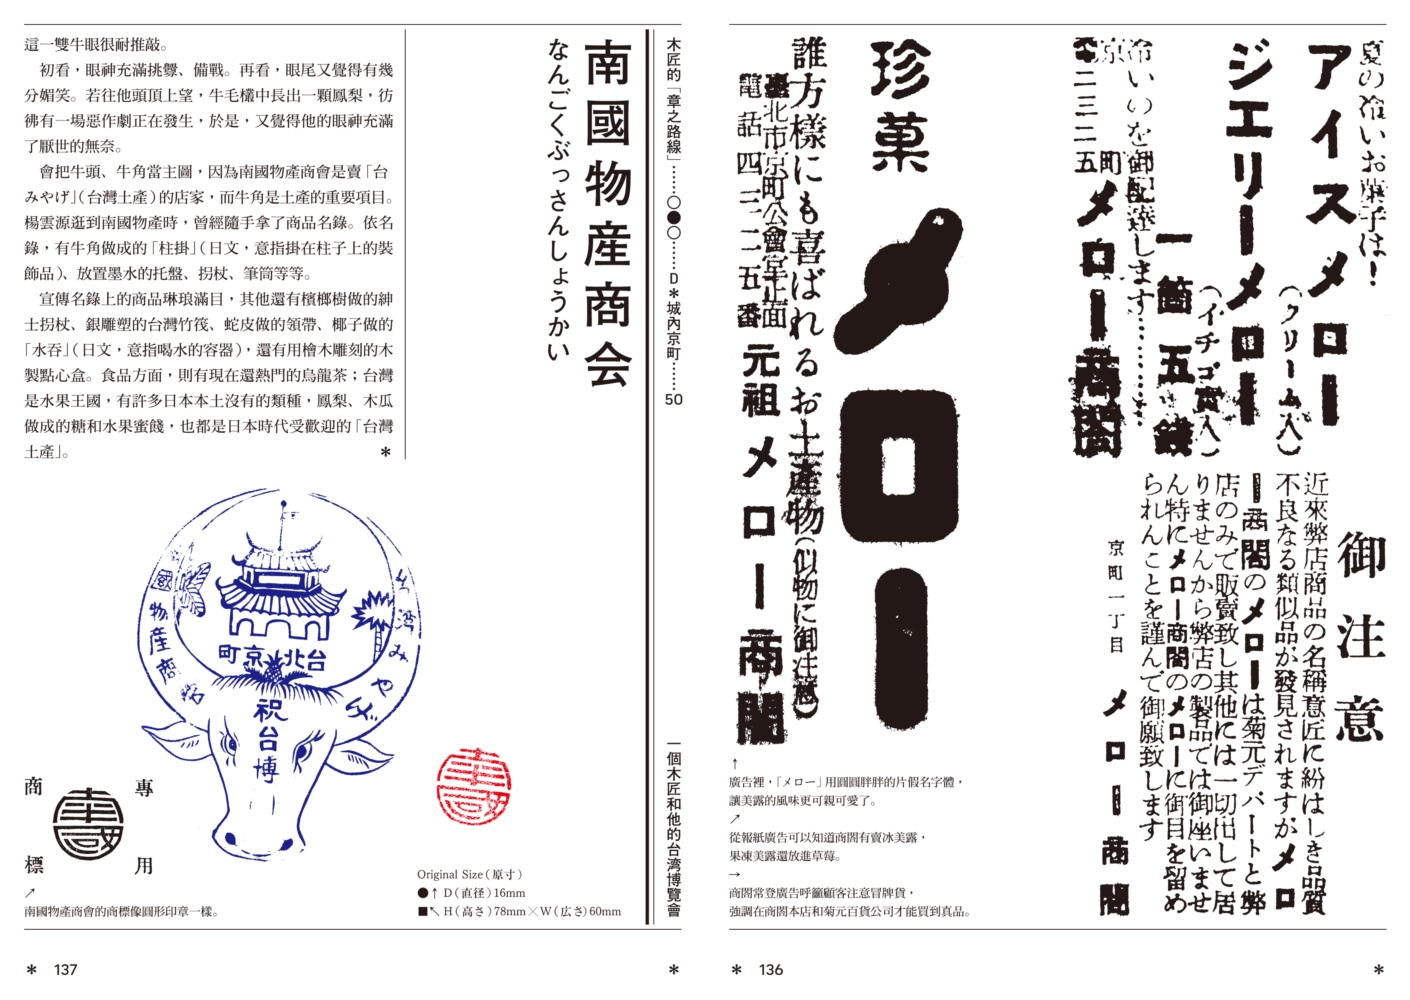 ◤博客來BOOKS◢ 暢銷書榜《推薦》一個木匠和他的台灣博覽會(附1935年『台灣博覽會紀念台北市街圖』、『台灣博覽會鳥瞰圖』復刻版古地圖,初版紀念簽名)